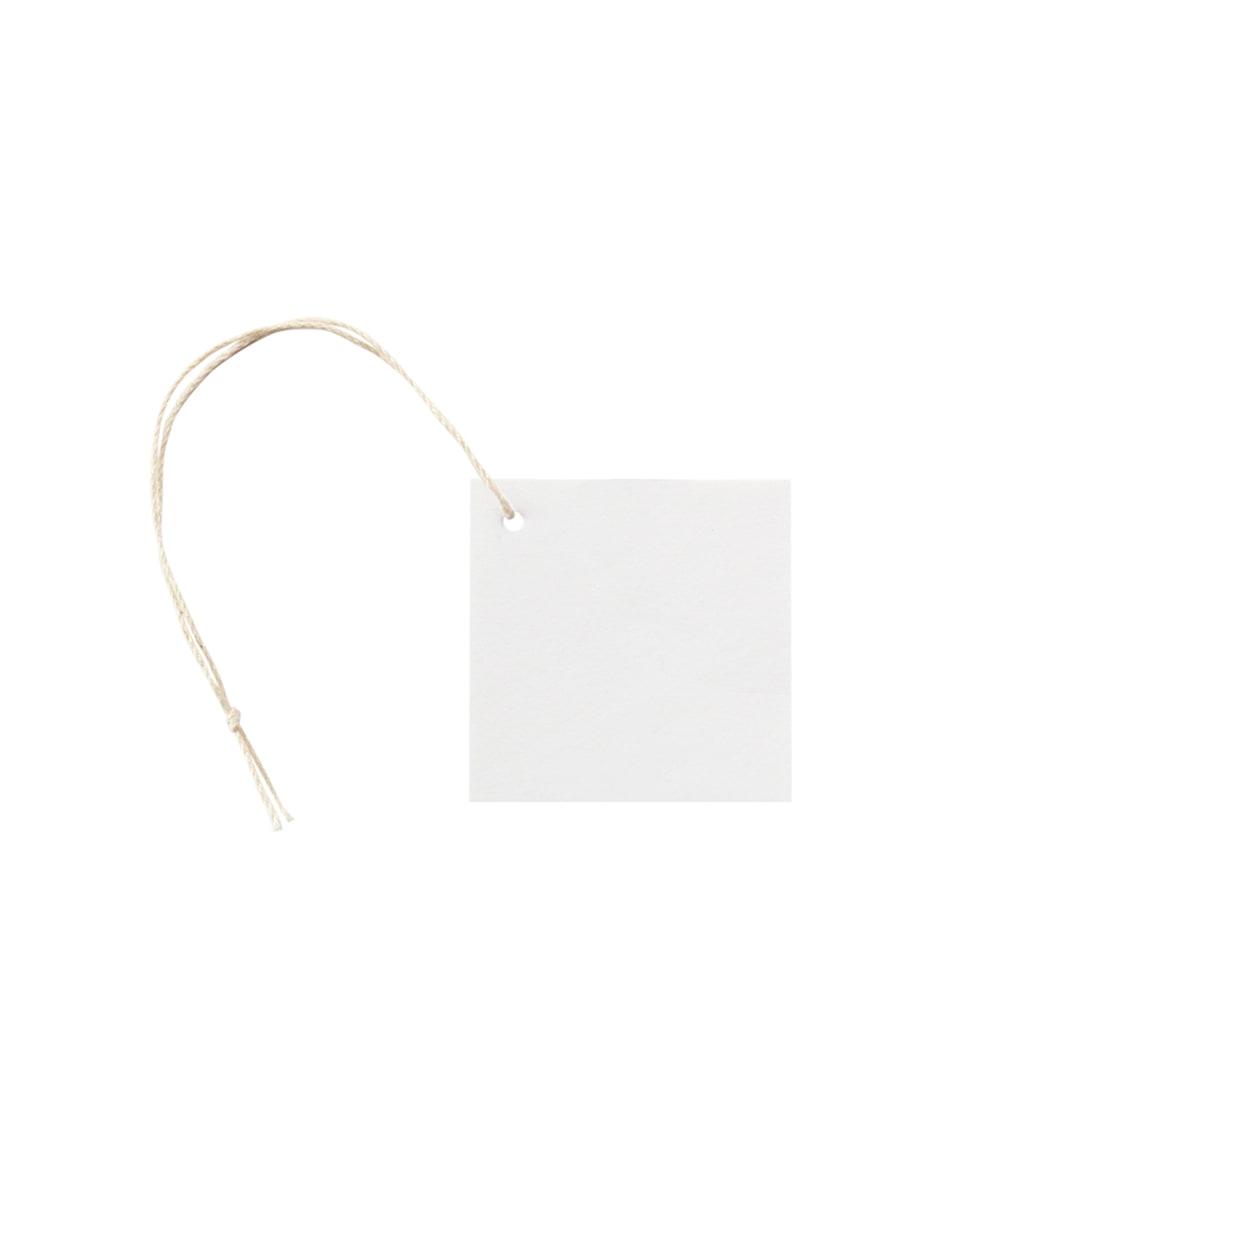 タグ50×50四角形(紐穴サイド) コットンスノーホワイト 232.8g タグ紐(細)コットン生成